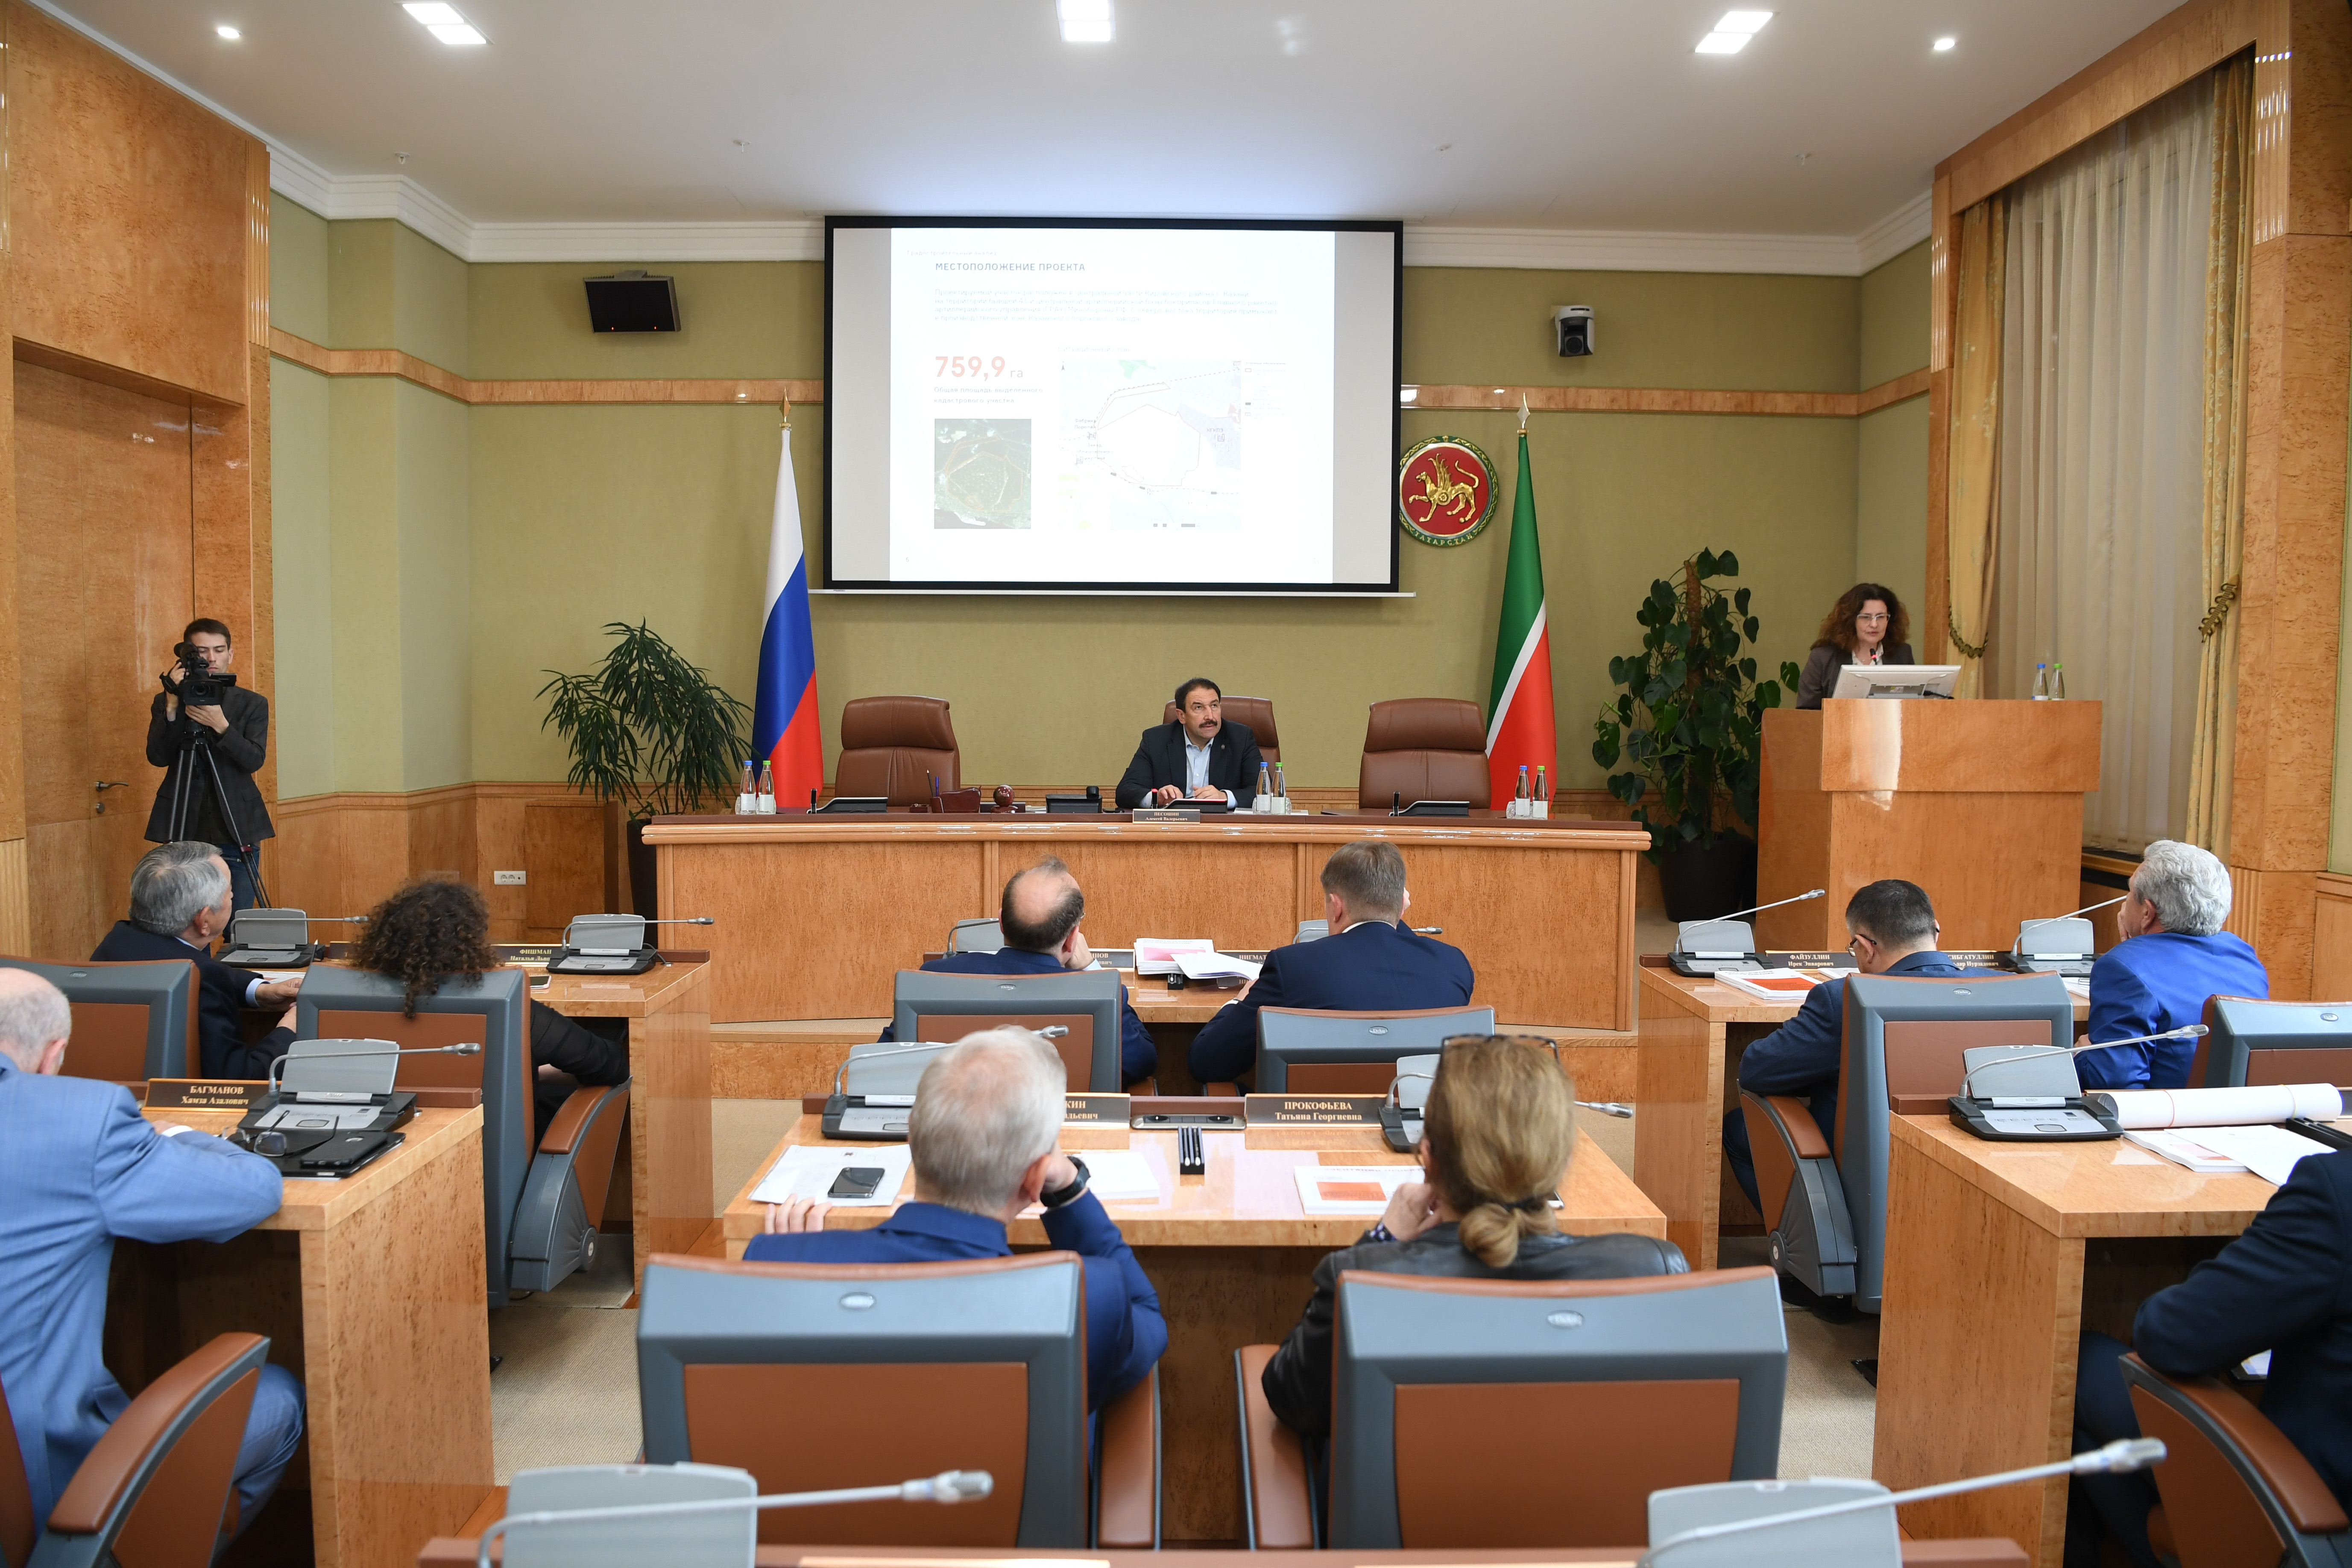 Руководство Республики Татарстан поддержало стратегию развития первого в Казани экорайона